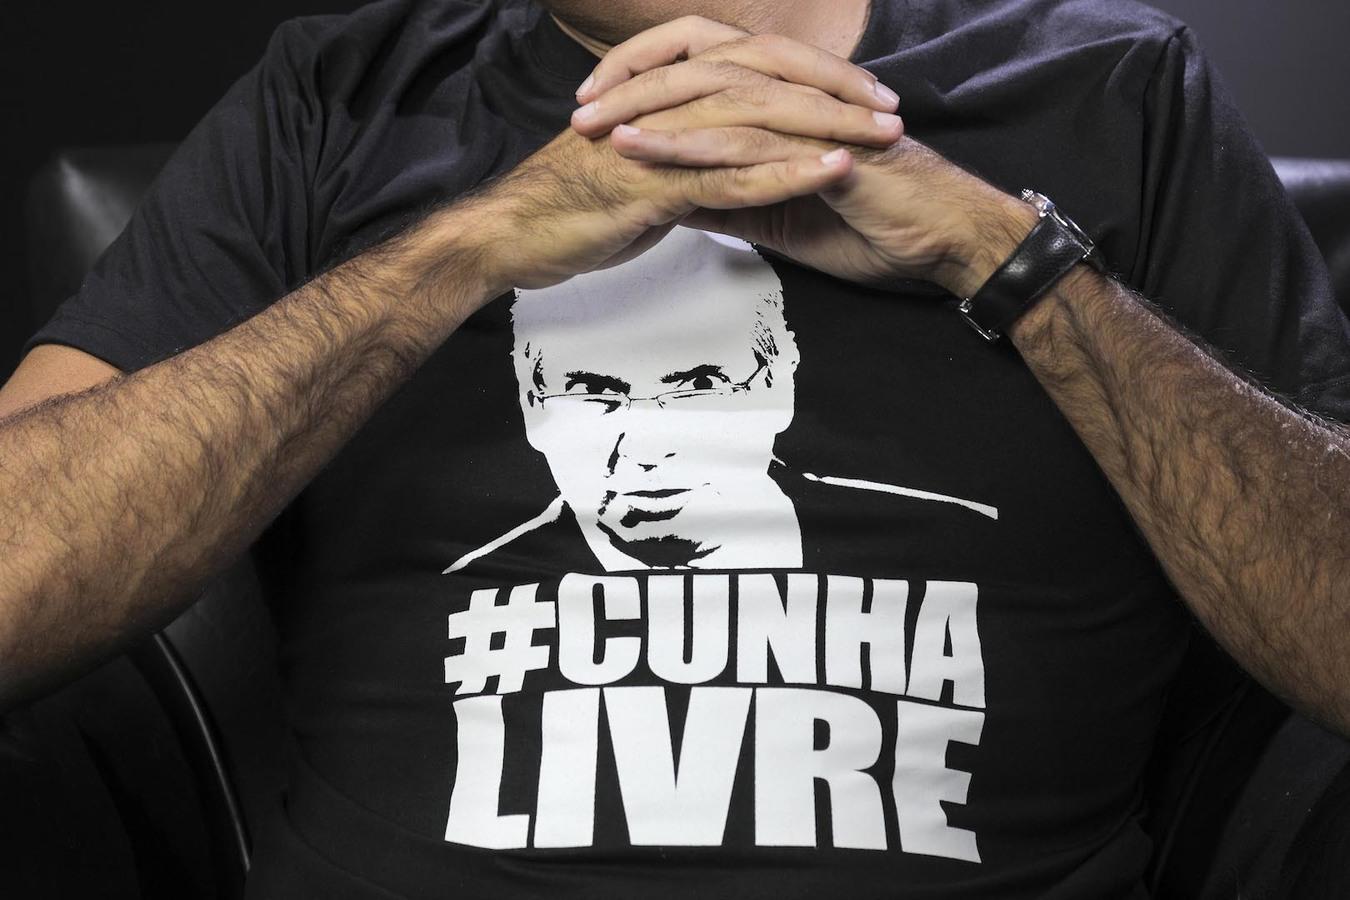 Pela democracia, #cunhalivre